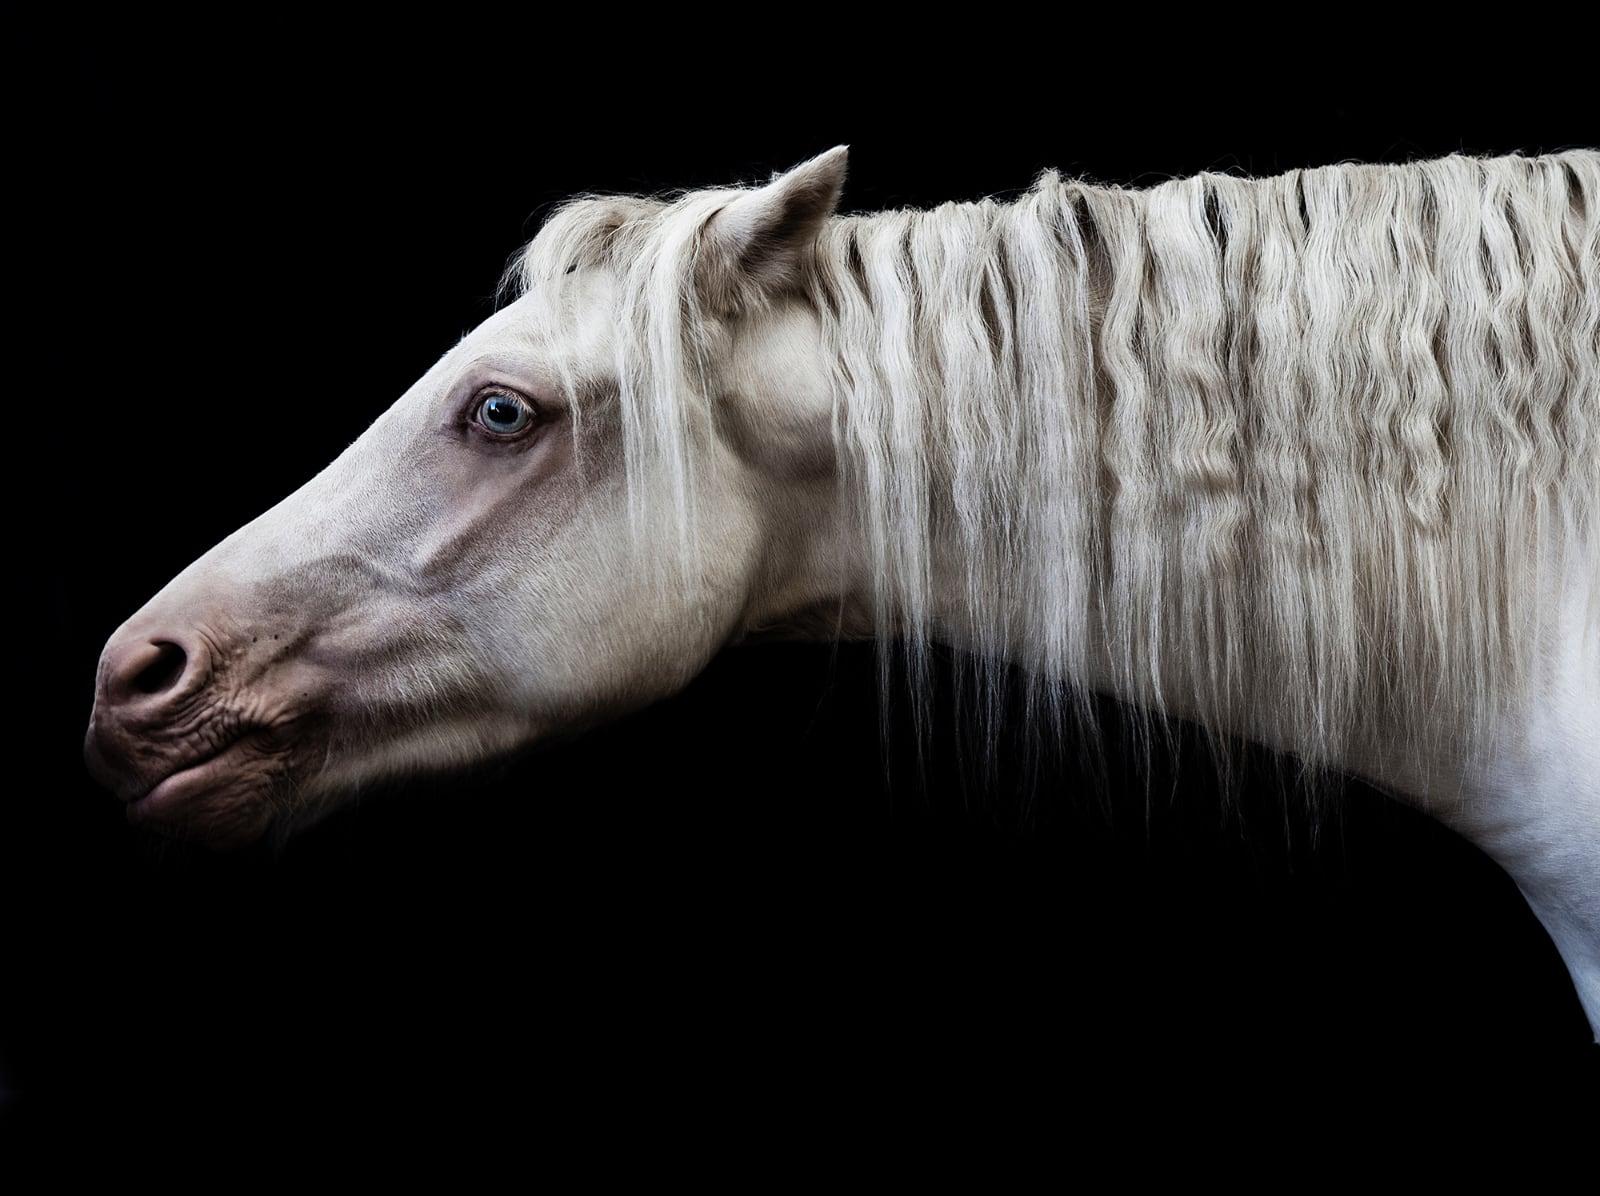 foto: © Jenny Boot - Bugatti, paardenkop met nek en manen, wit paard met blauwe ogen